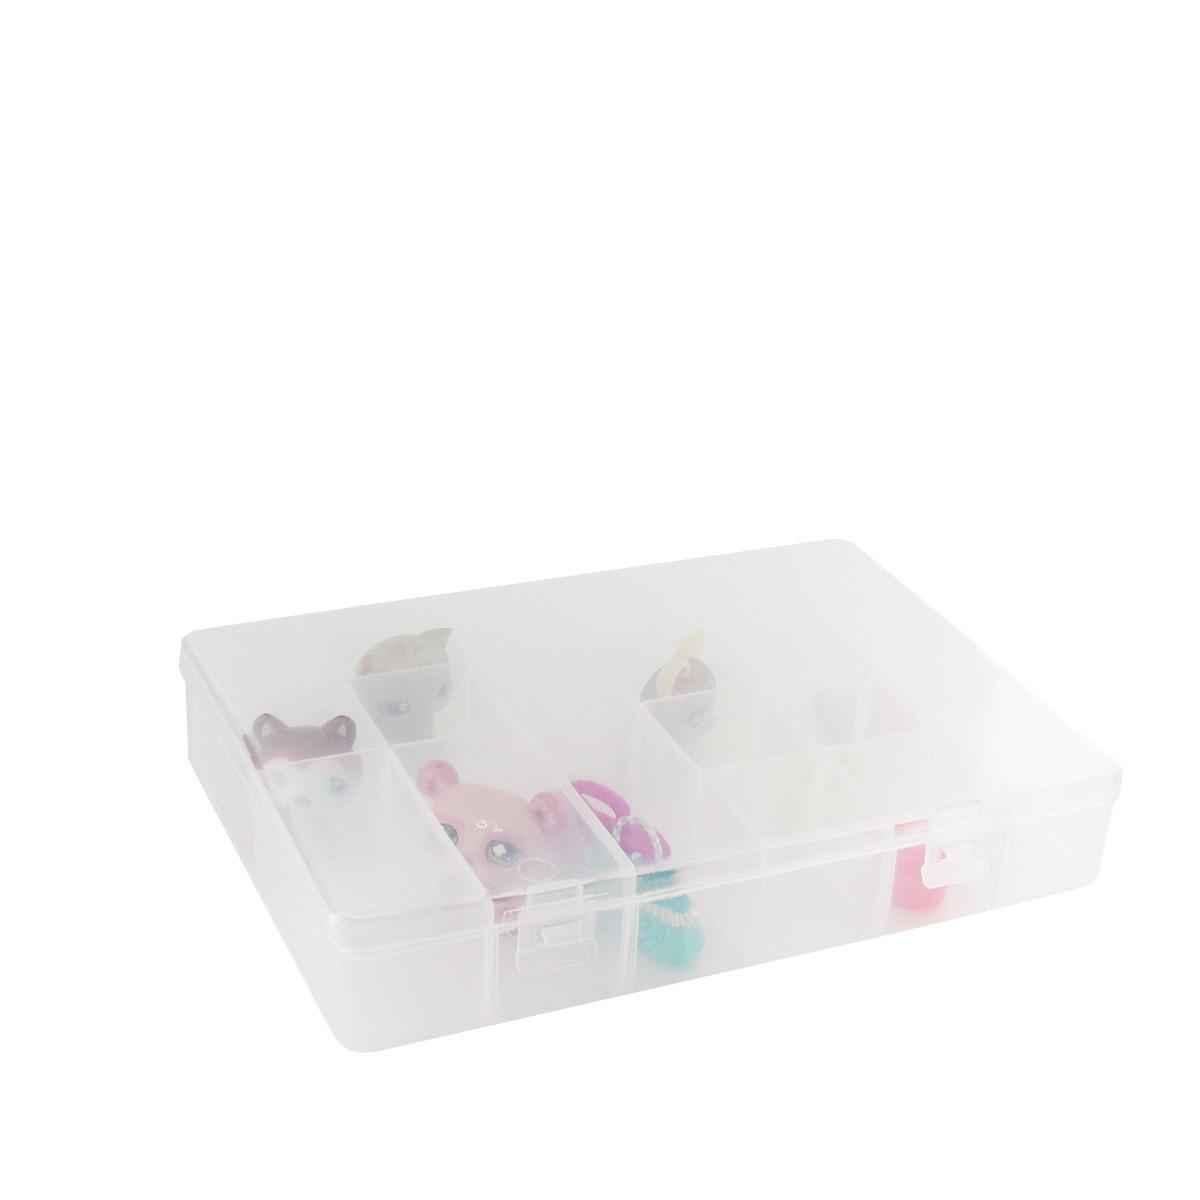 boite compartiments plastique rangement. Black Bedroom Furniture Sets. Home Design Ideas